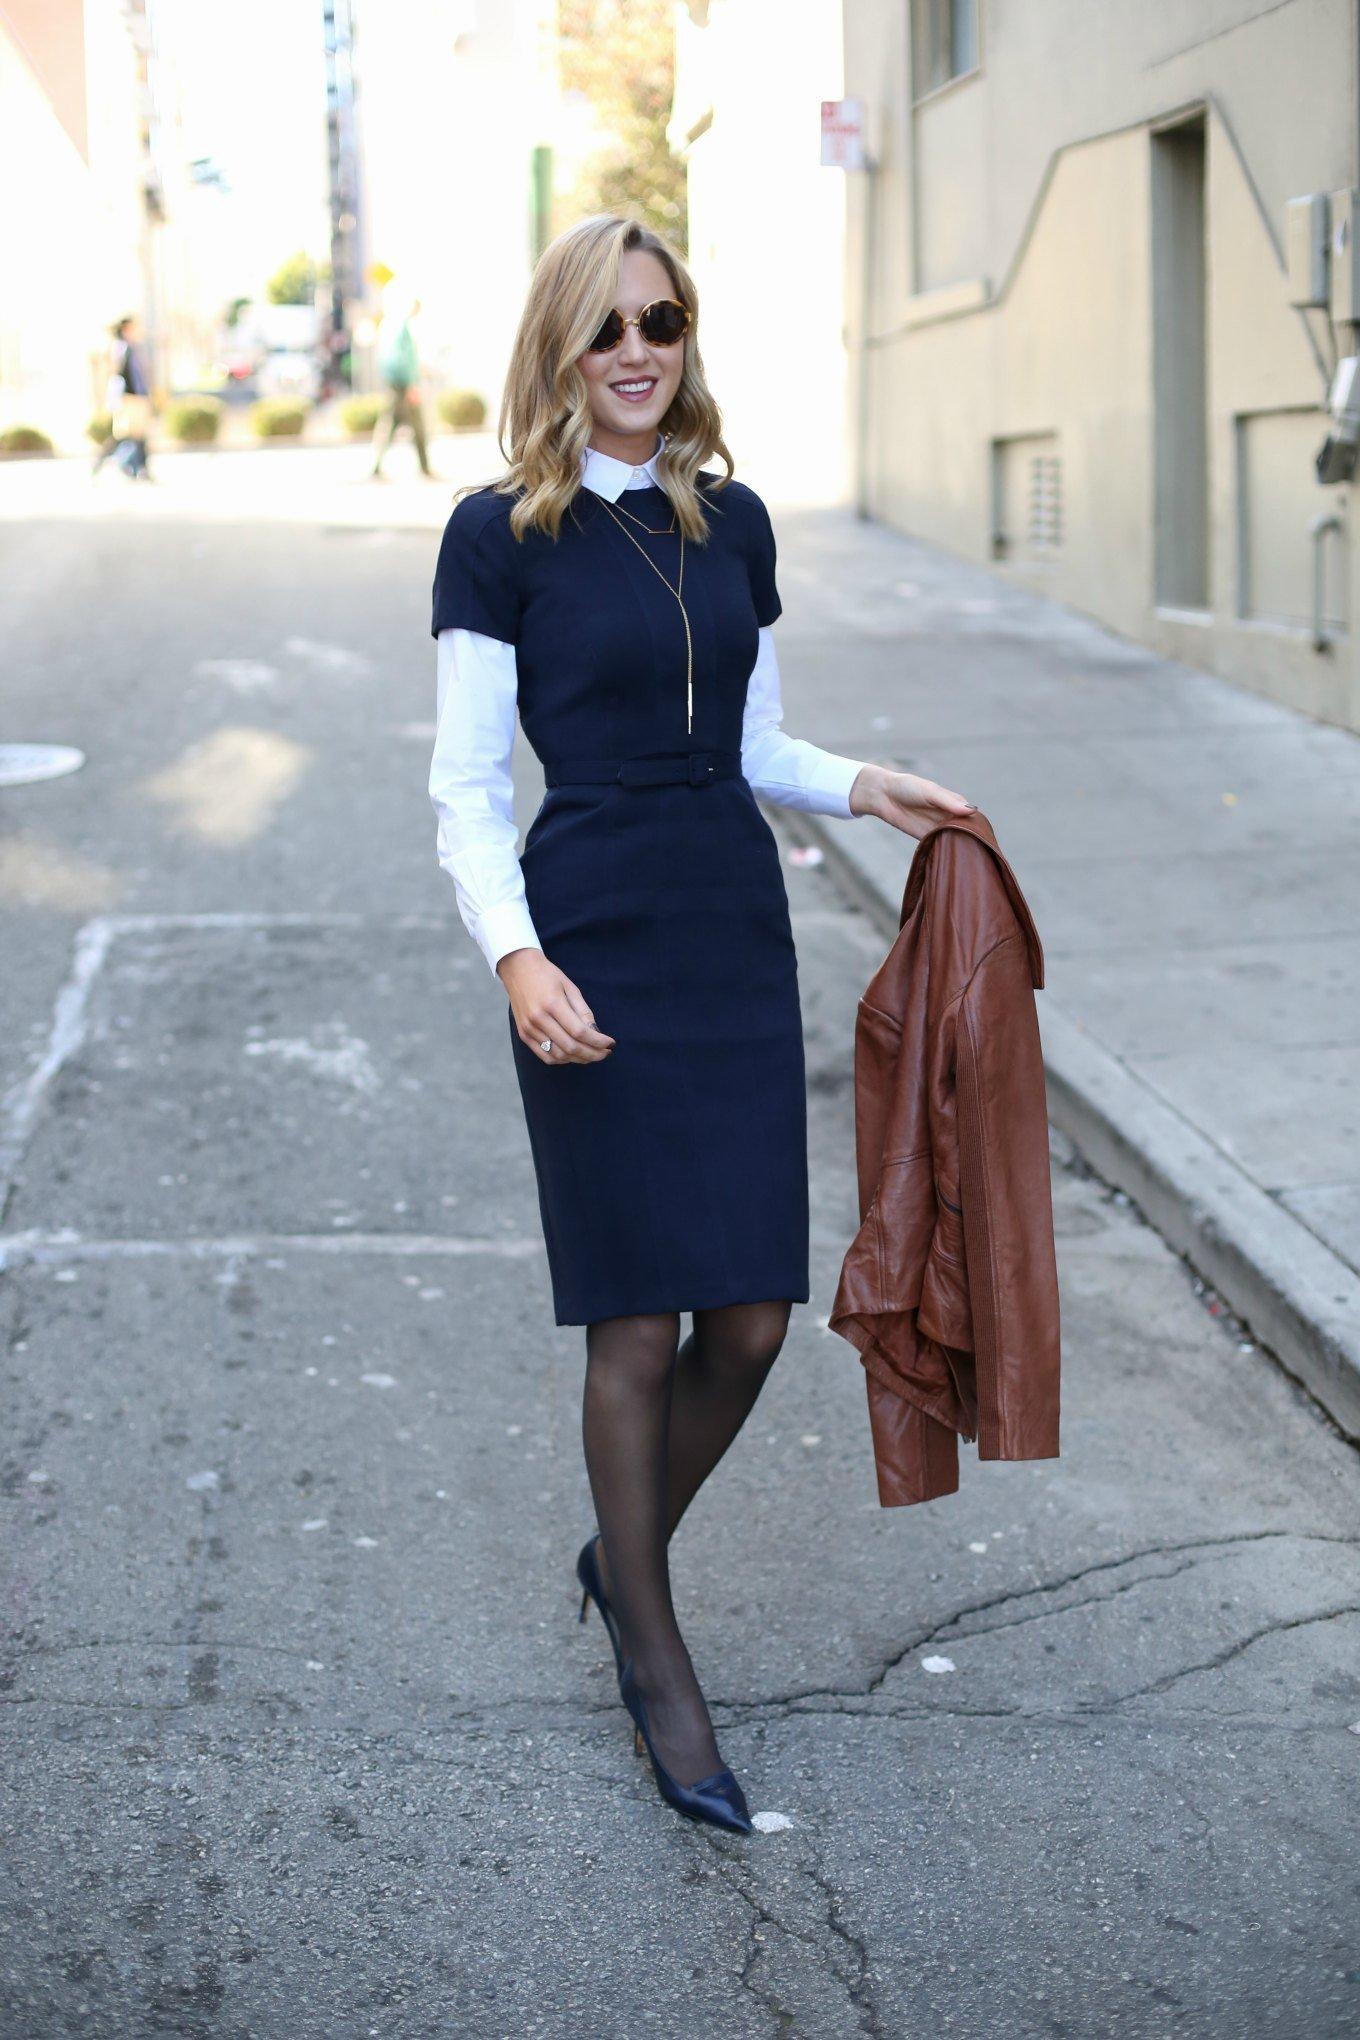 delovoe-plate-foto_-26 ТОП 10 самых красивых платьев в мире: рейтинг на фото